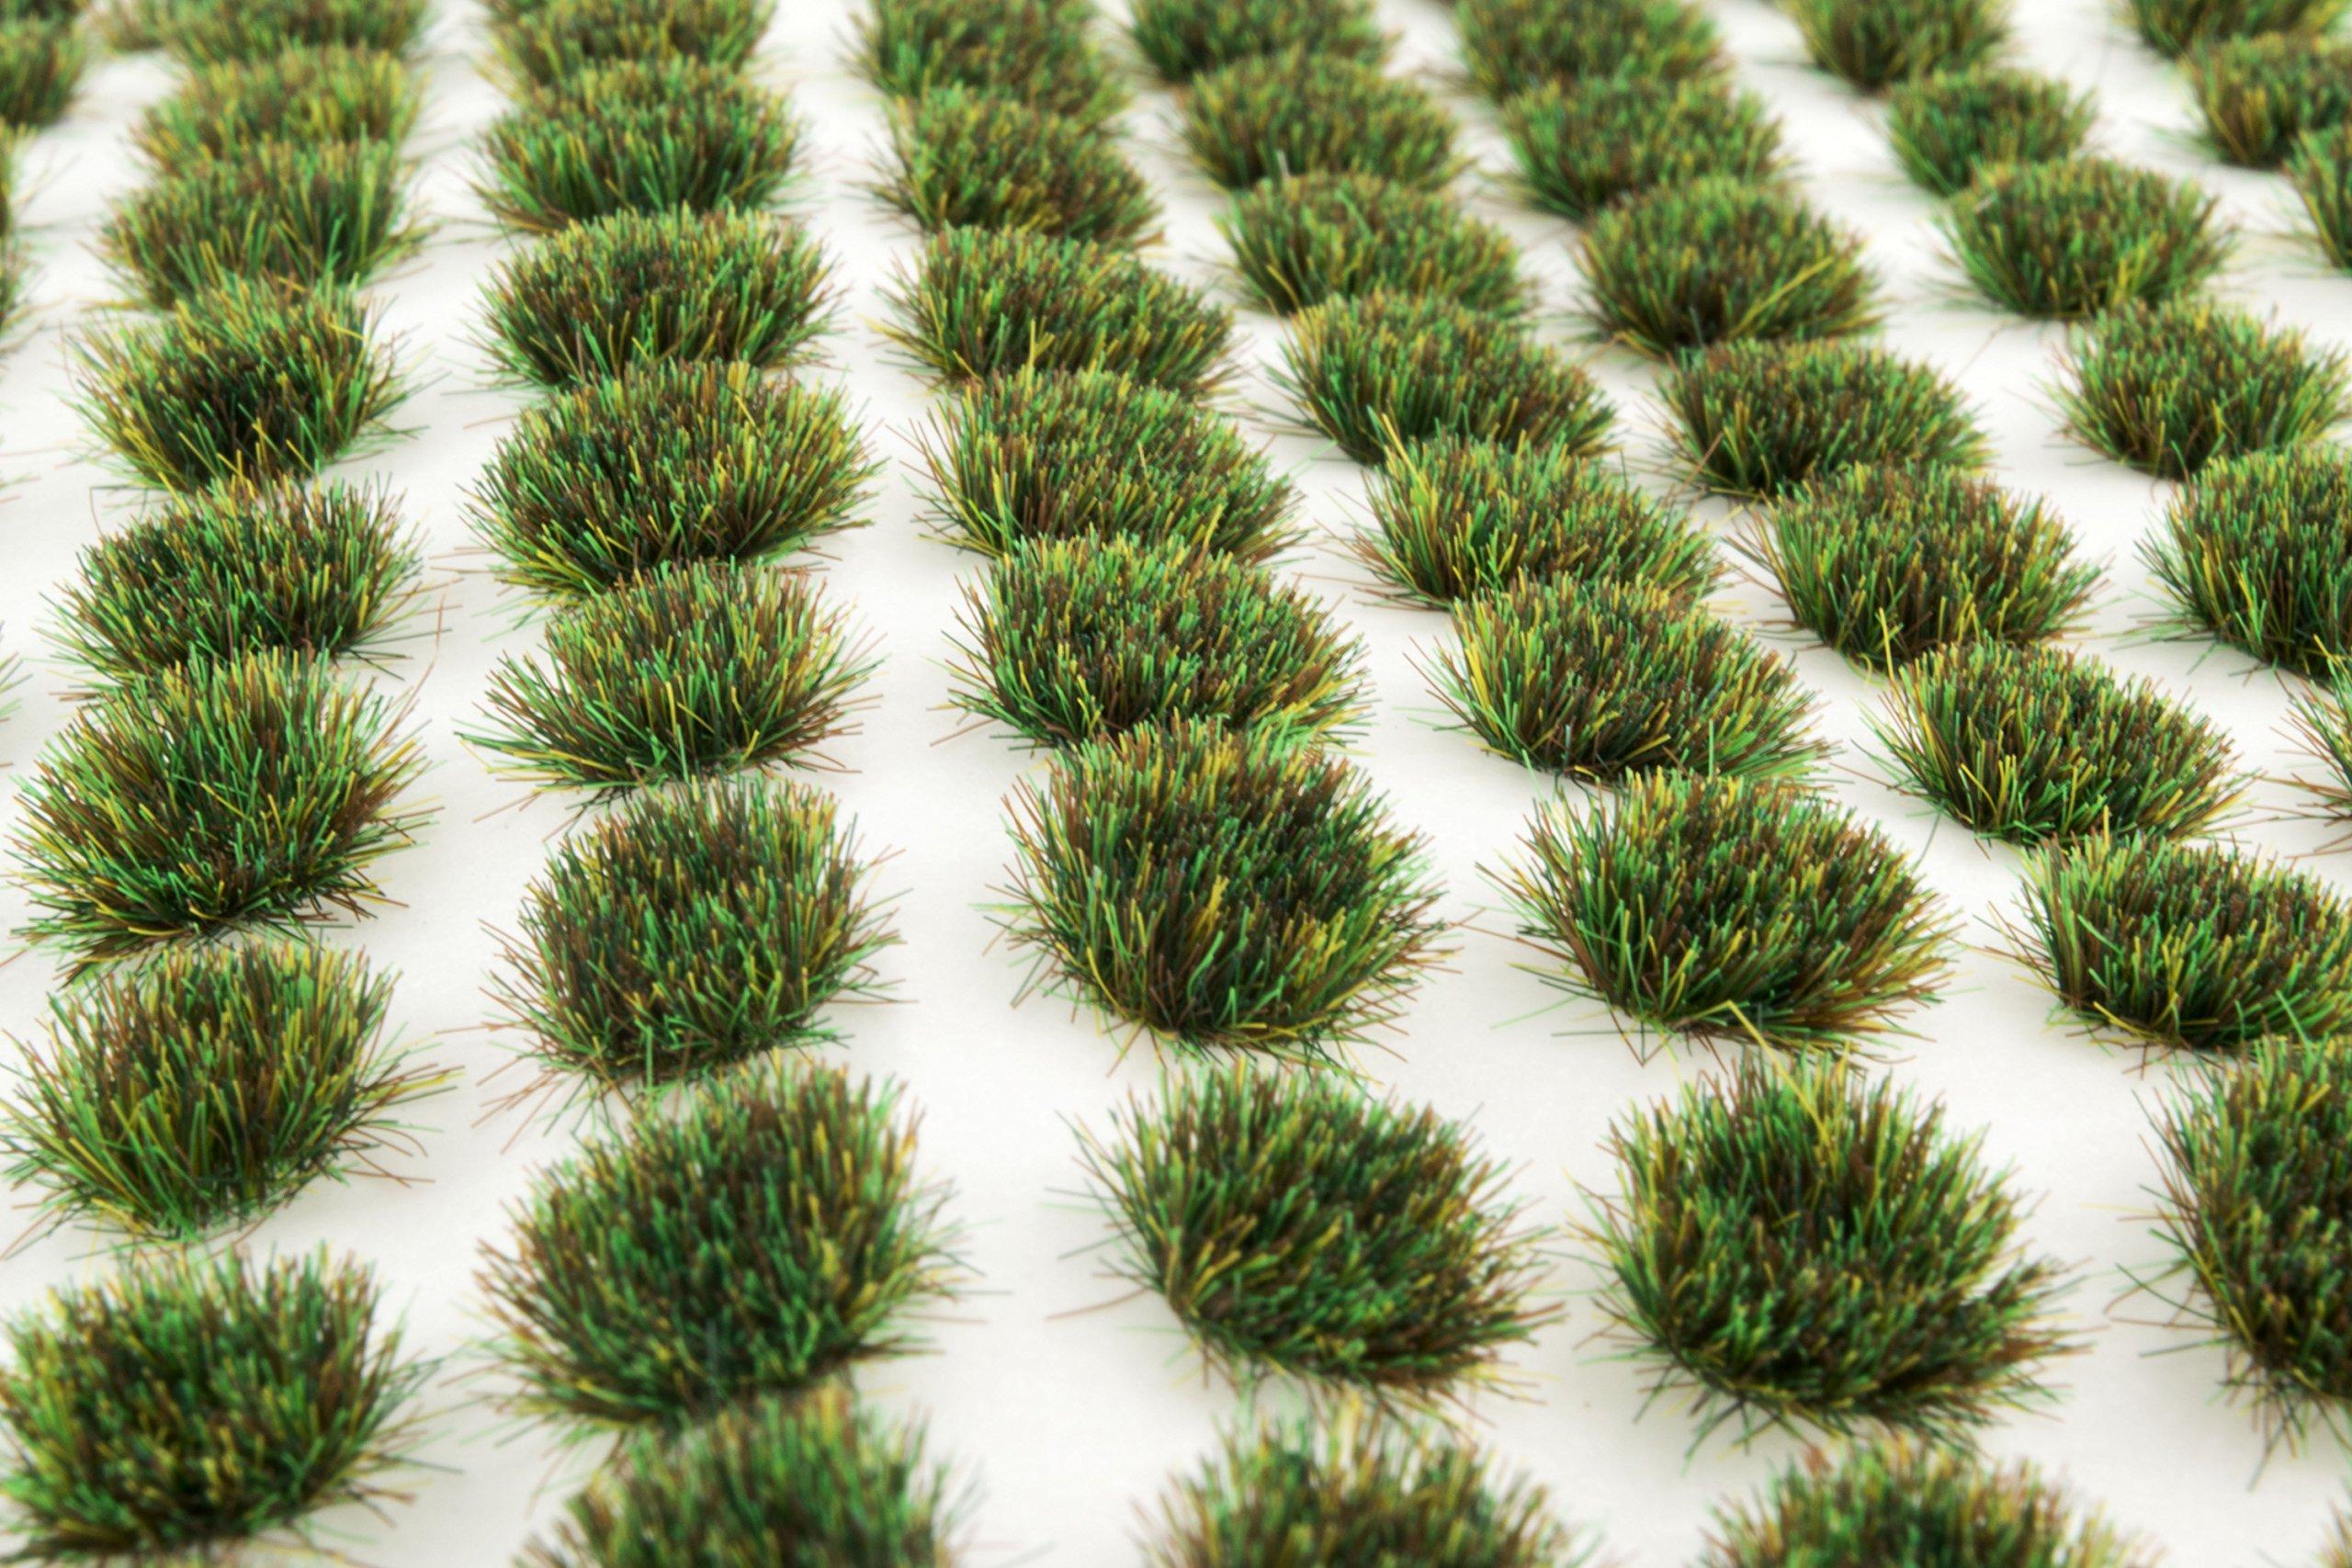 WWS 100 Mechones autoadhesivos de hierba estática de Otoño 4mm - Modelismo Ferroviario, Dioramas, Wargaming, Miniaturas product image